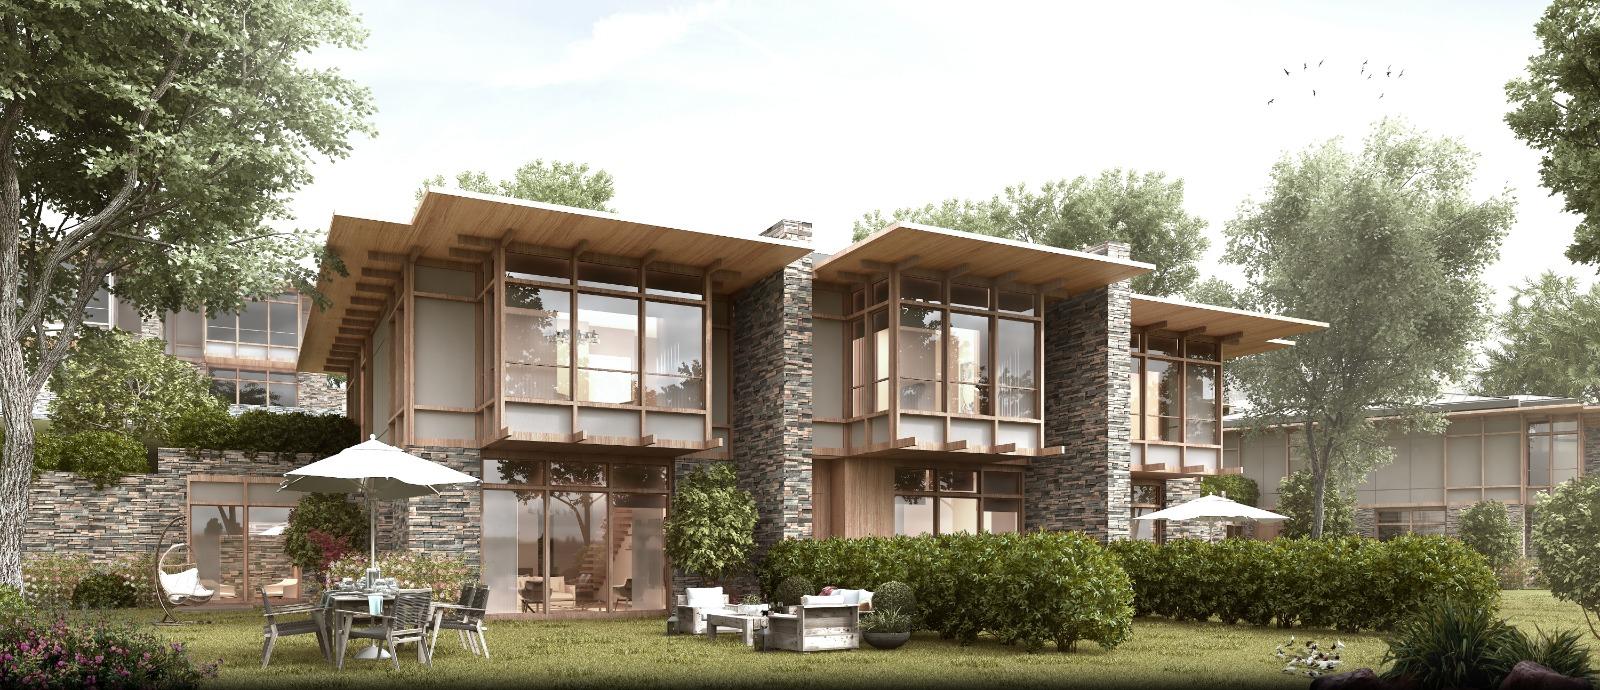 Эксклюзивный проект-комплекс вилл в Бейкоз - Фото 28